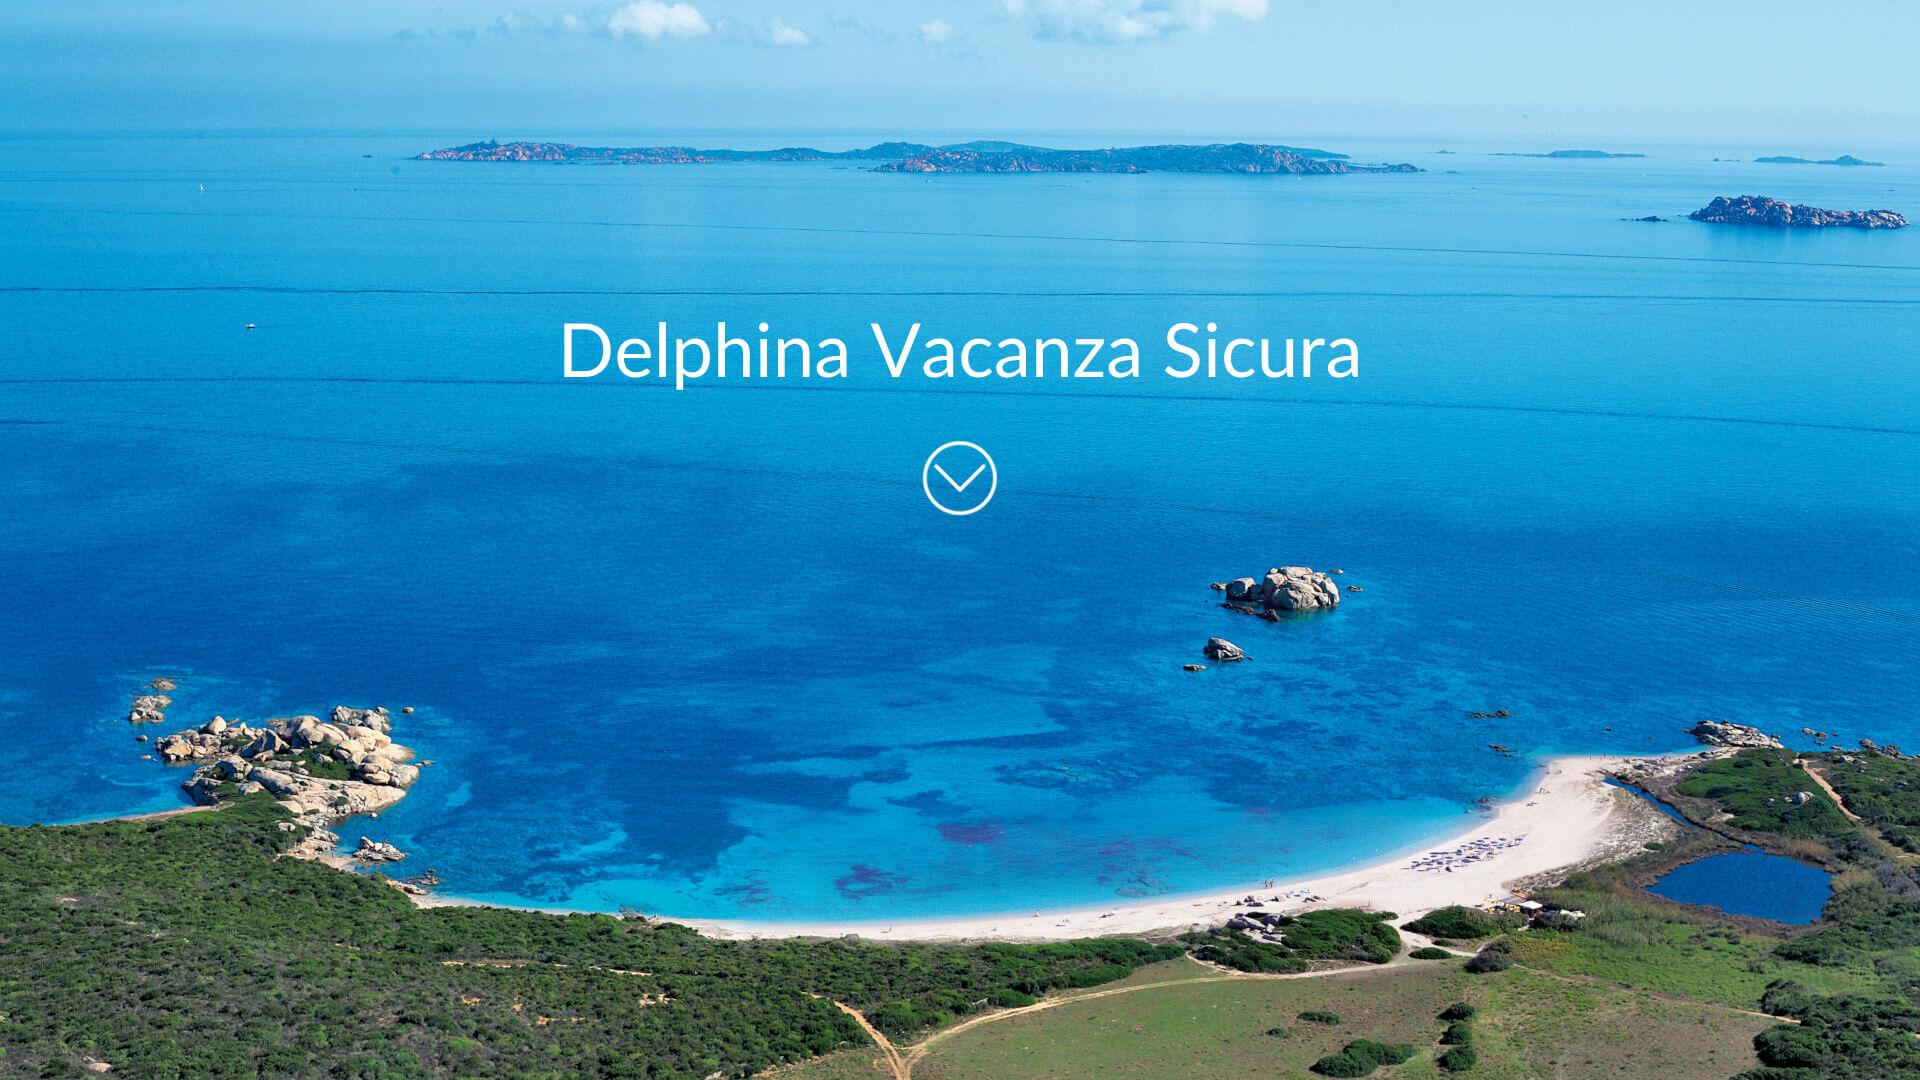 delphina-vacanza-sicura-slide